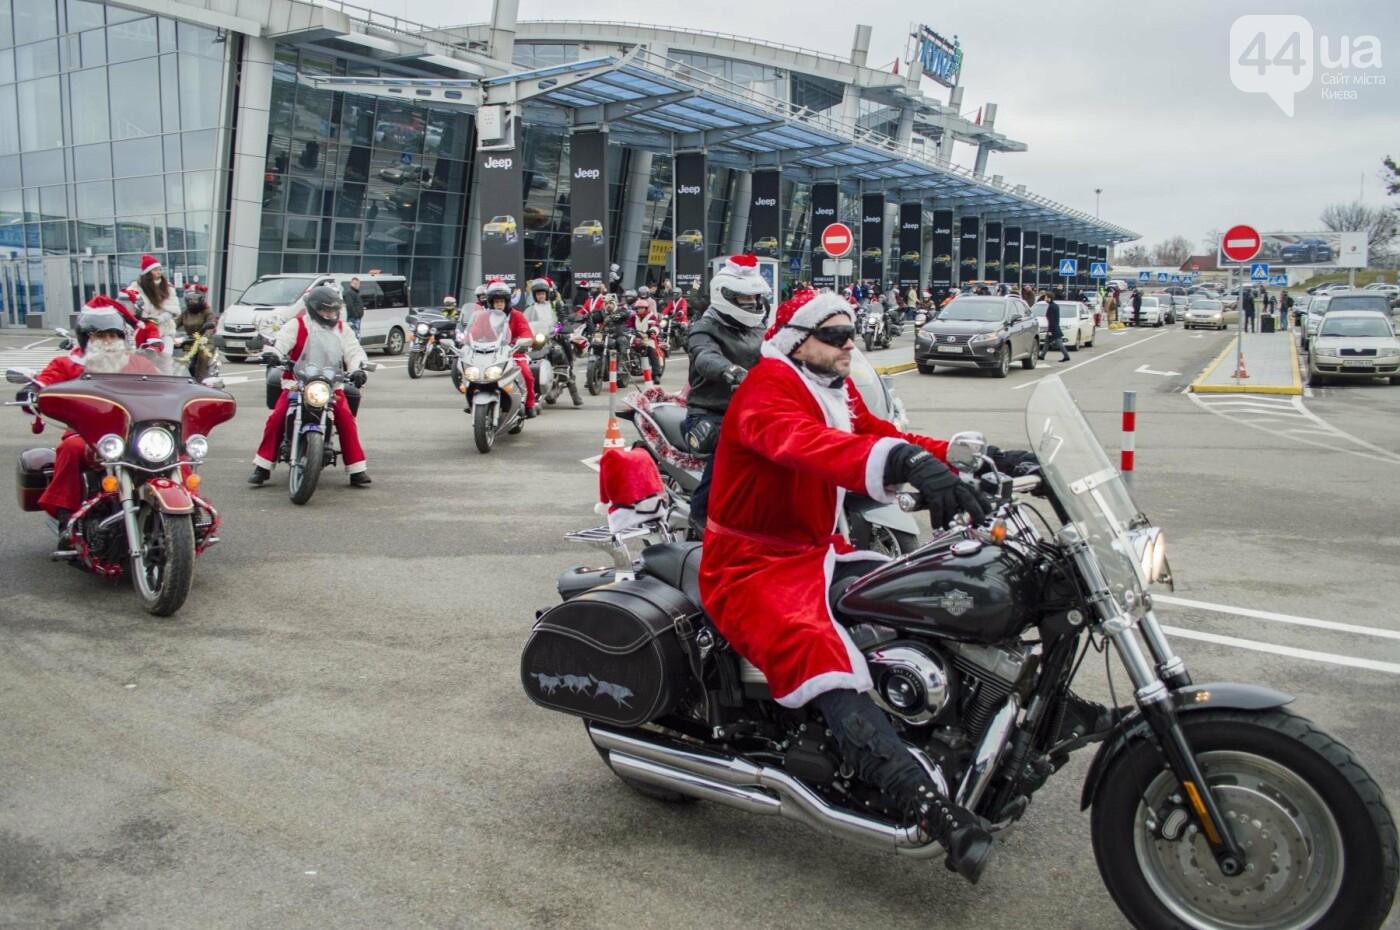 В Киеве брутальные байкеры в костюмах Санта-Клаусов устроили масштабный мотопробег (ФОТО), фото-22